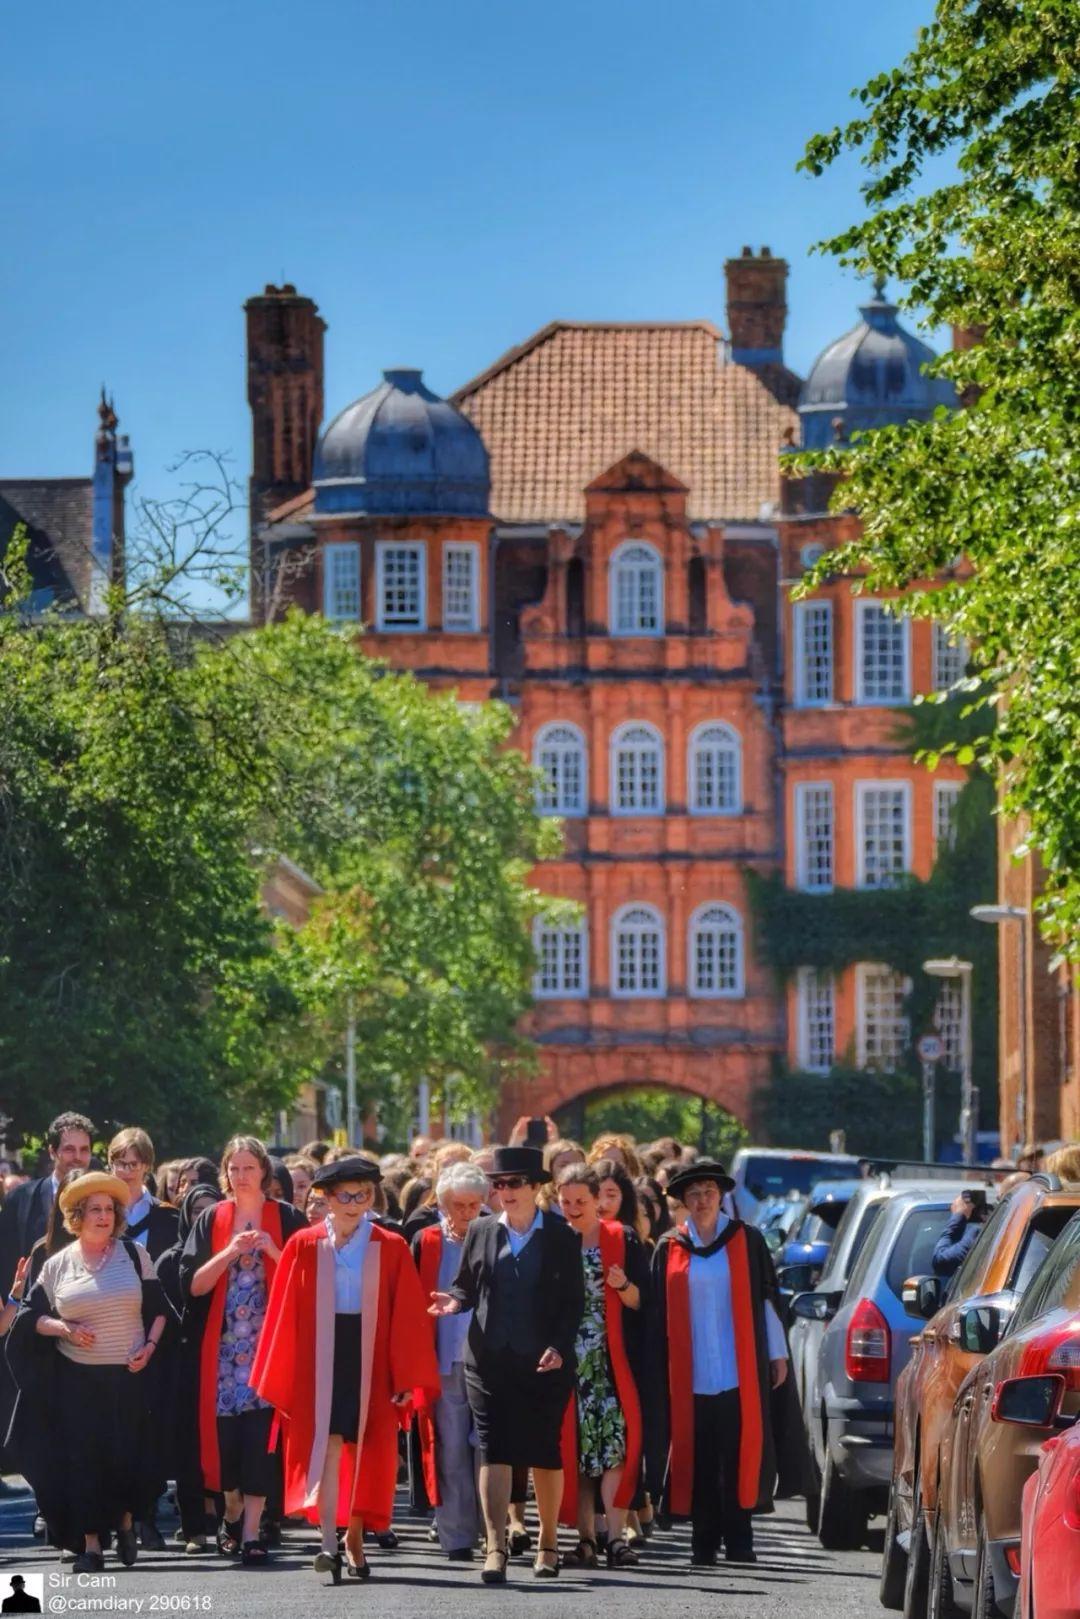 剑桥预计2020年的毕业典礼将推迟到2021年举行  英国大学 剑桥大学 第6张